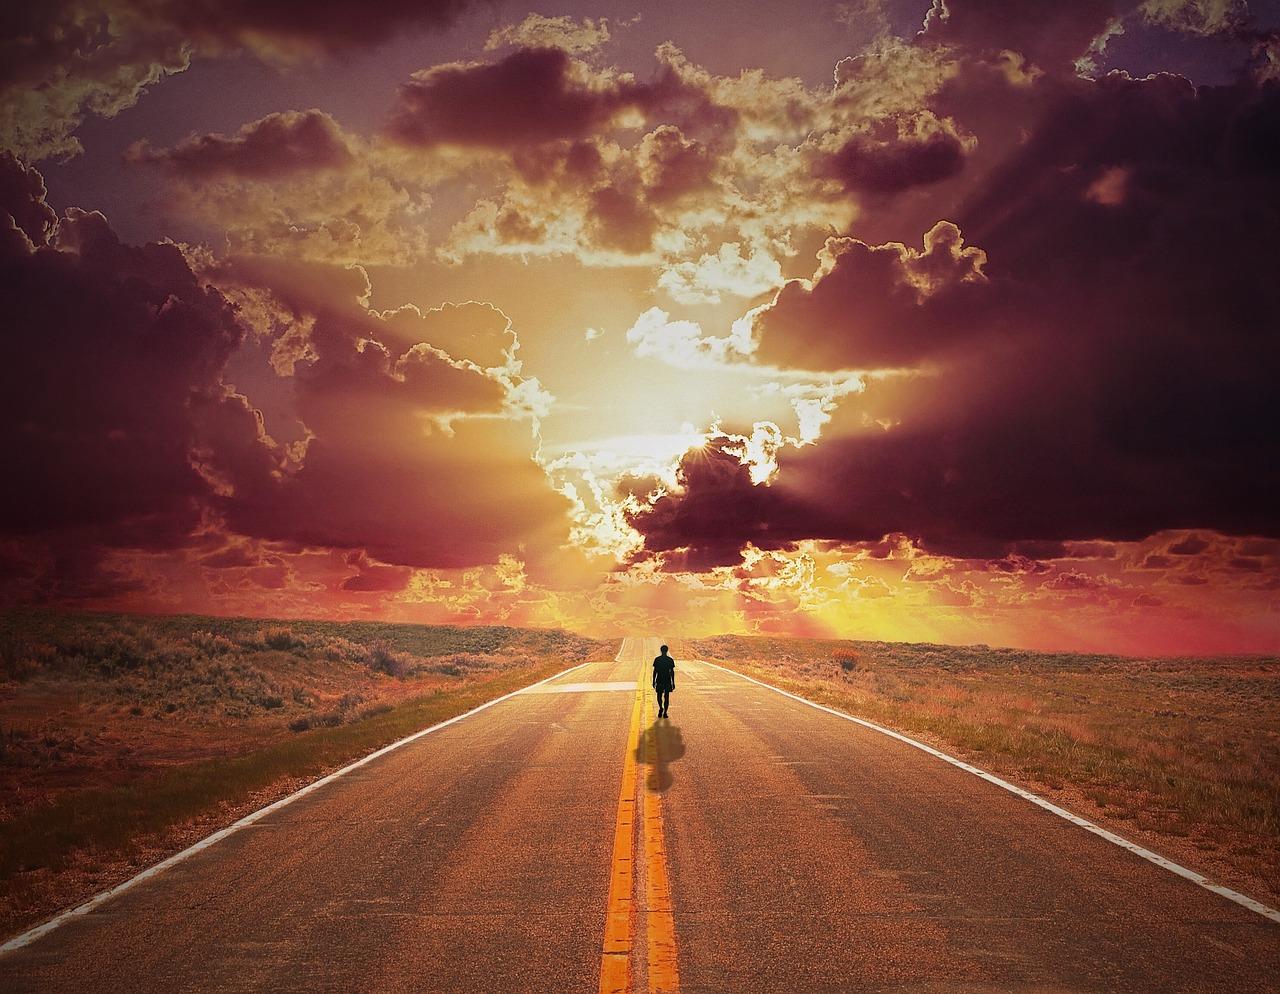 Человек идущий по дороге картинка